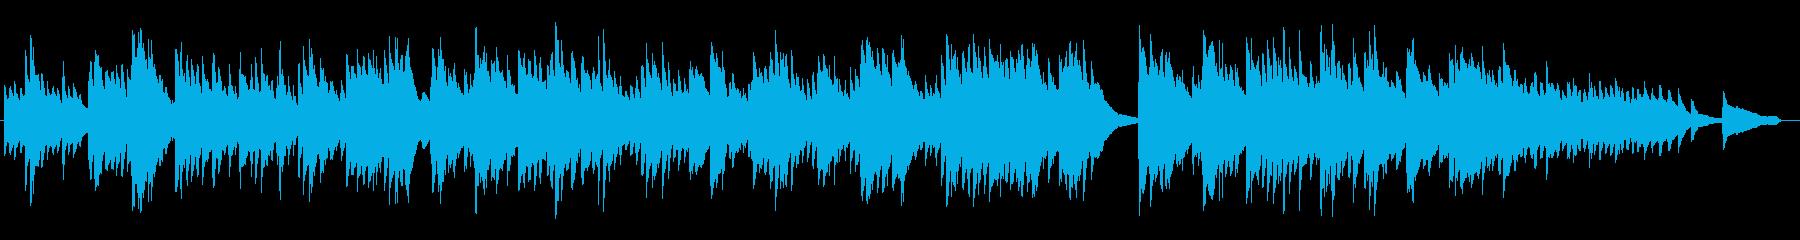 優しさ、切なさを演出するピアノBGMの再生済みの波形